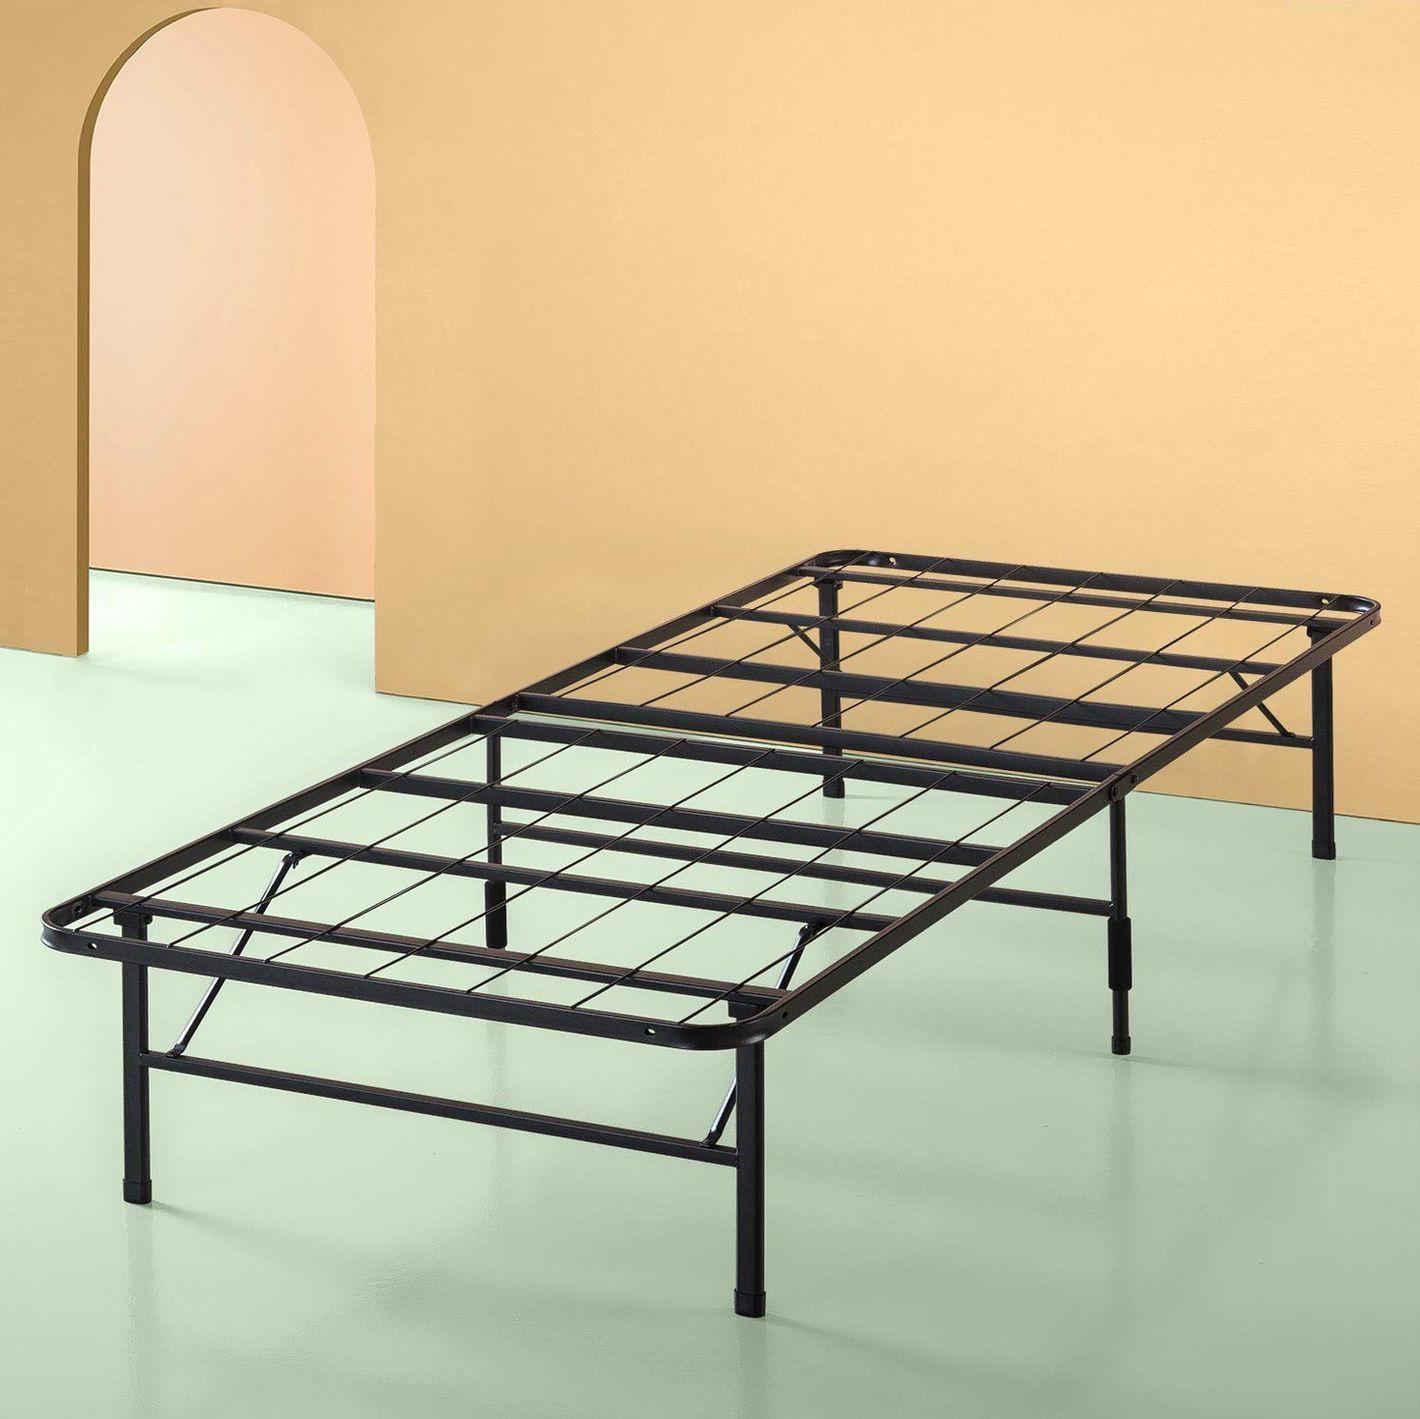 a9172d4135f Zinus Sleep Master Platform Metal Bed Frame Foundation Set